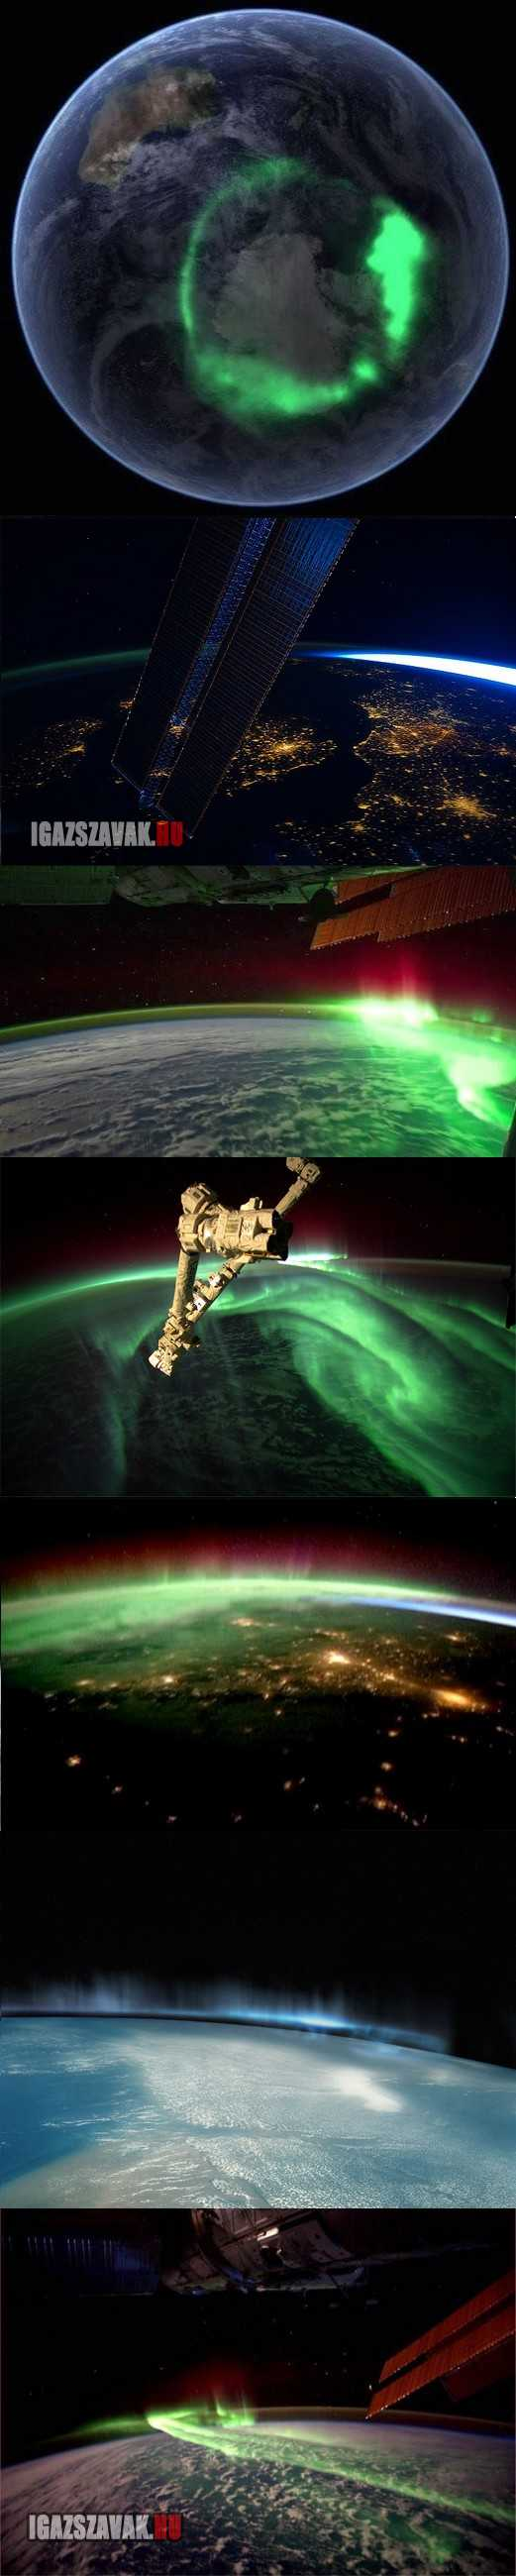 így néz ki a sarki fény az űrből